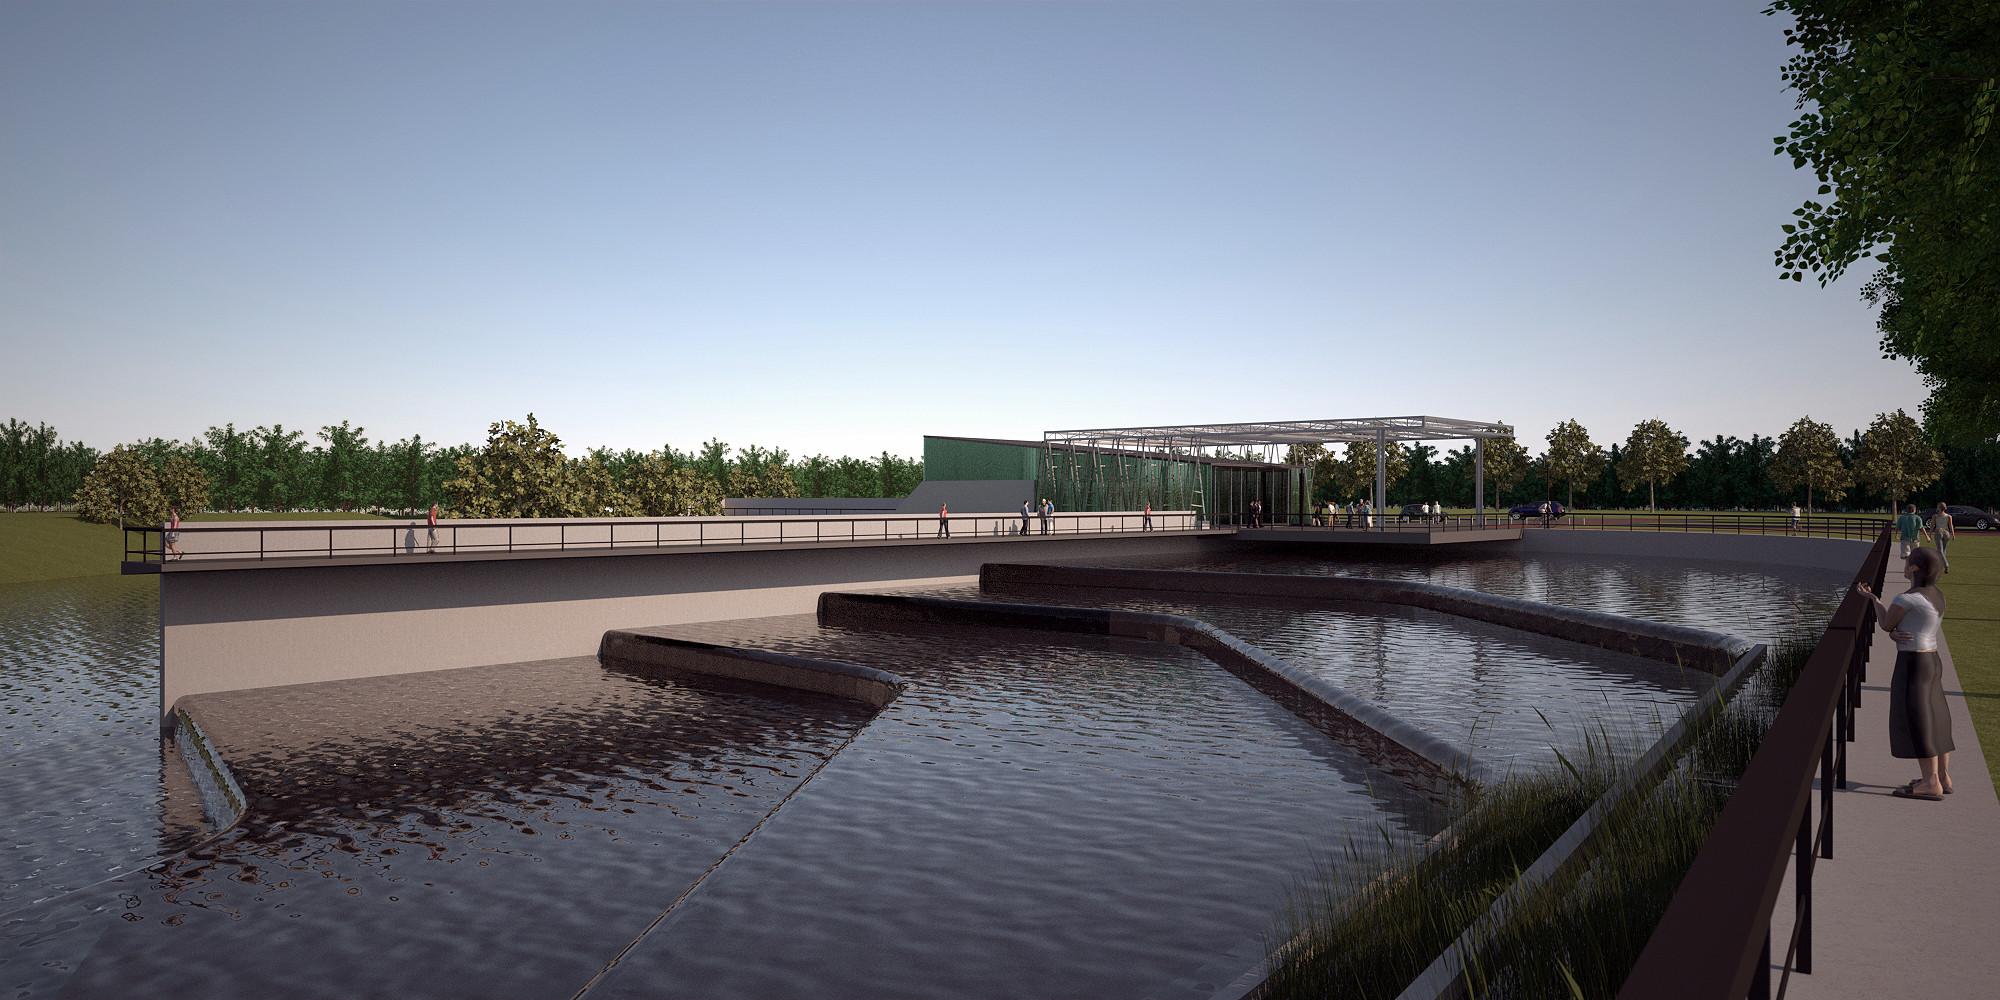 Primer Premio de Arquitectura y Diseño Urbano Sustentables, parques Ambientales SEPA. Cuenca Matanza Riachuelo / Argentina, Courtesy of Equipo Primer Lugar